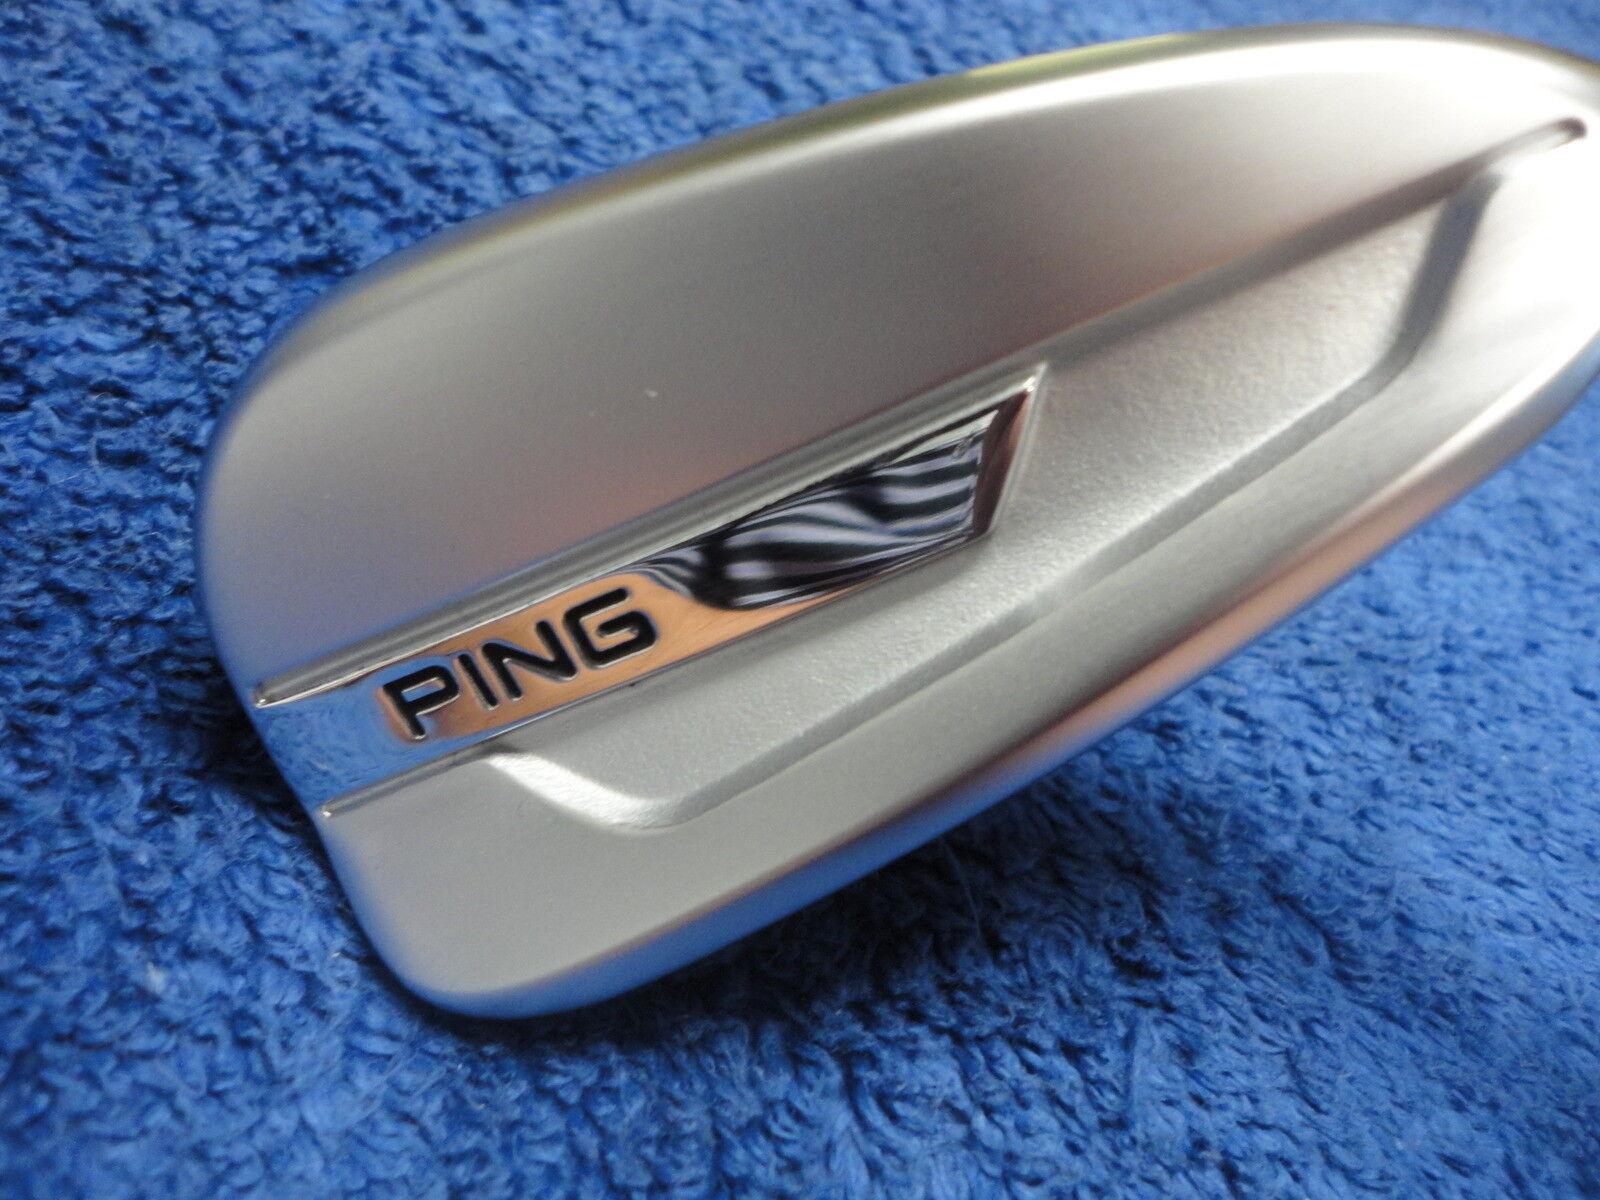 Plancha ping  G700 5-PW, Ping Awt 2.0 Acero rígido, mano derecha, tienda Usado  hacer oferta  Nuevos productos de artículos novedosos.